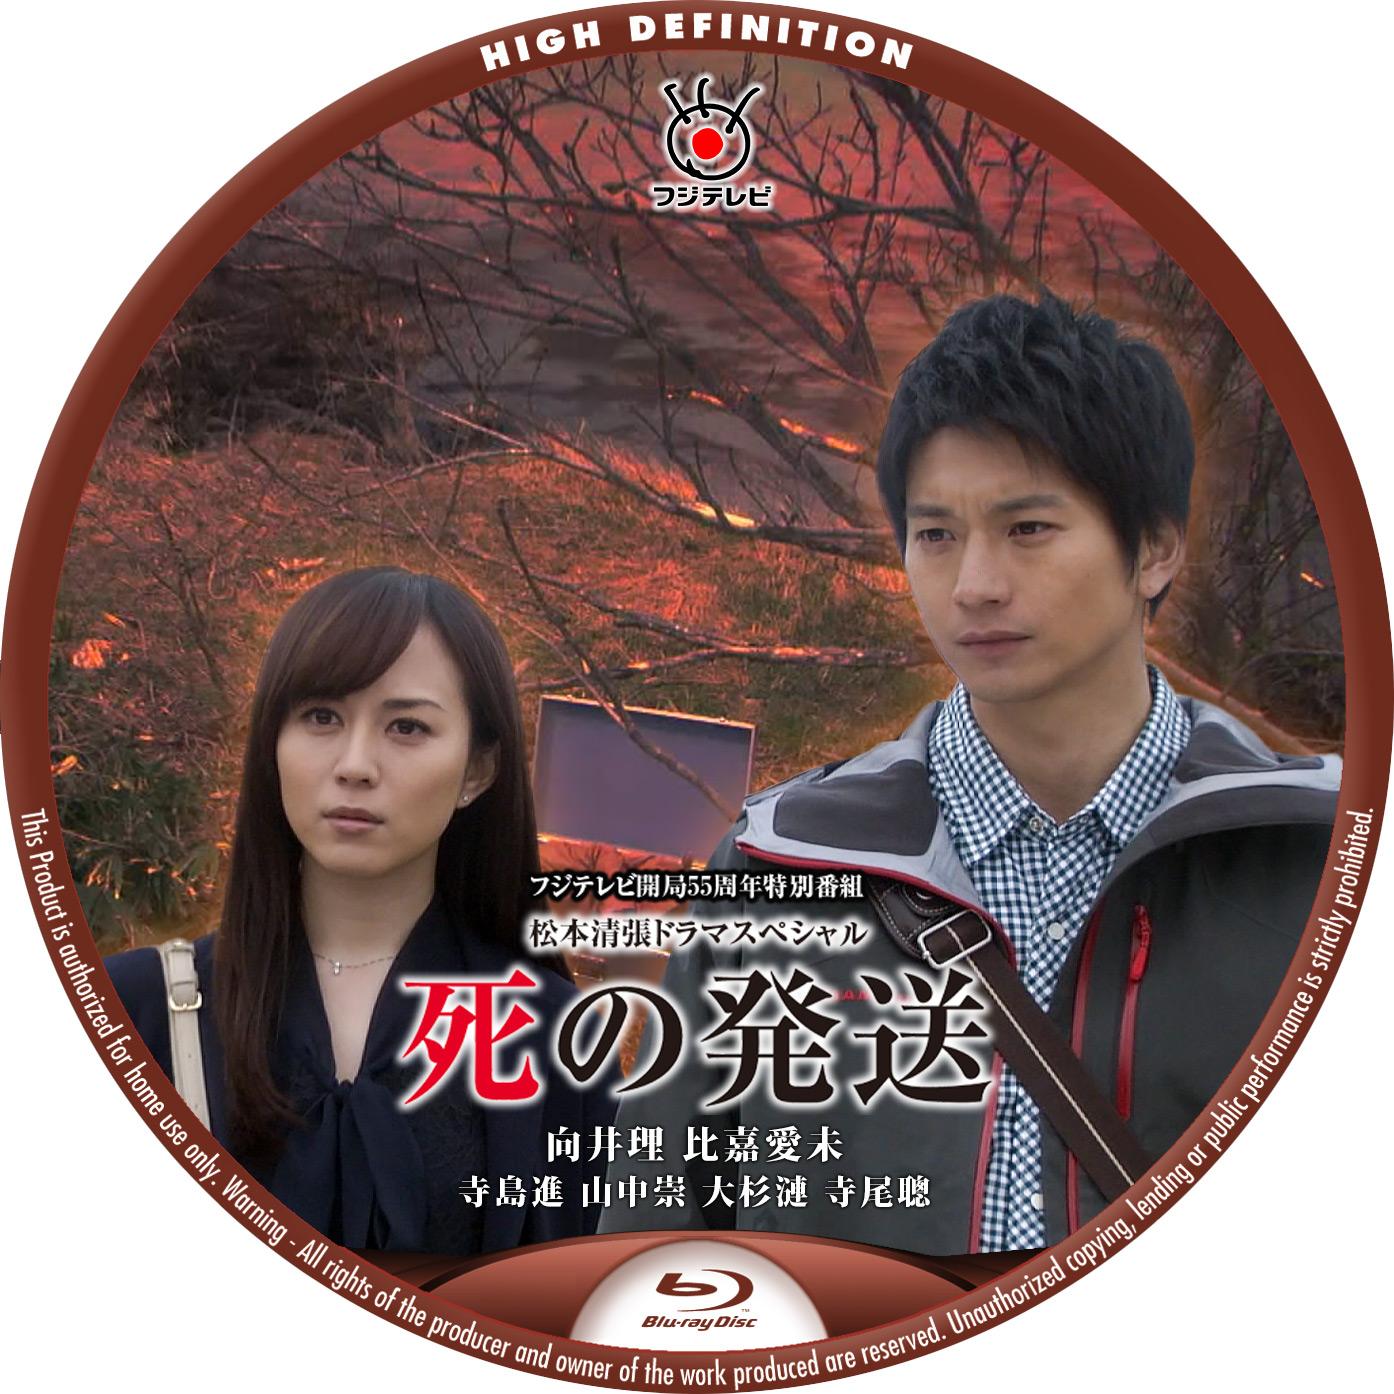 死の発送 向井理 松本清張 Blu-ray ラベル